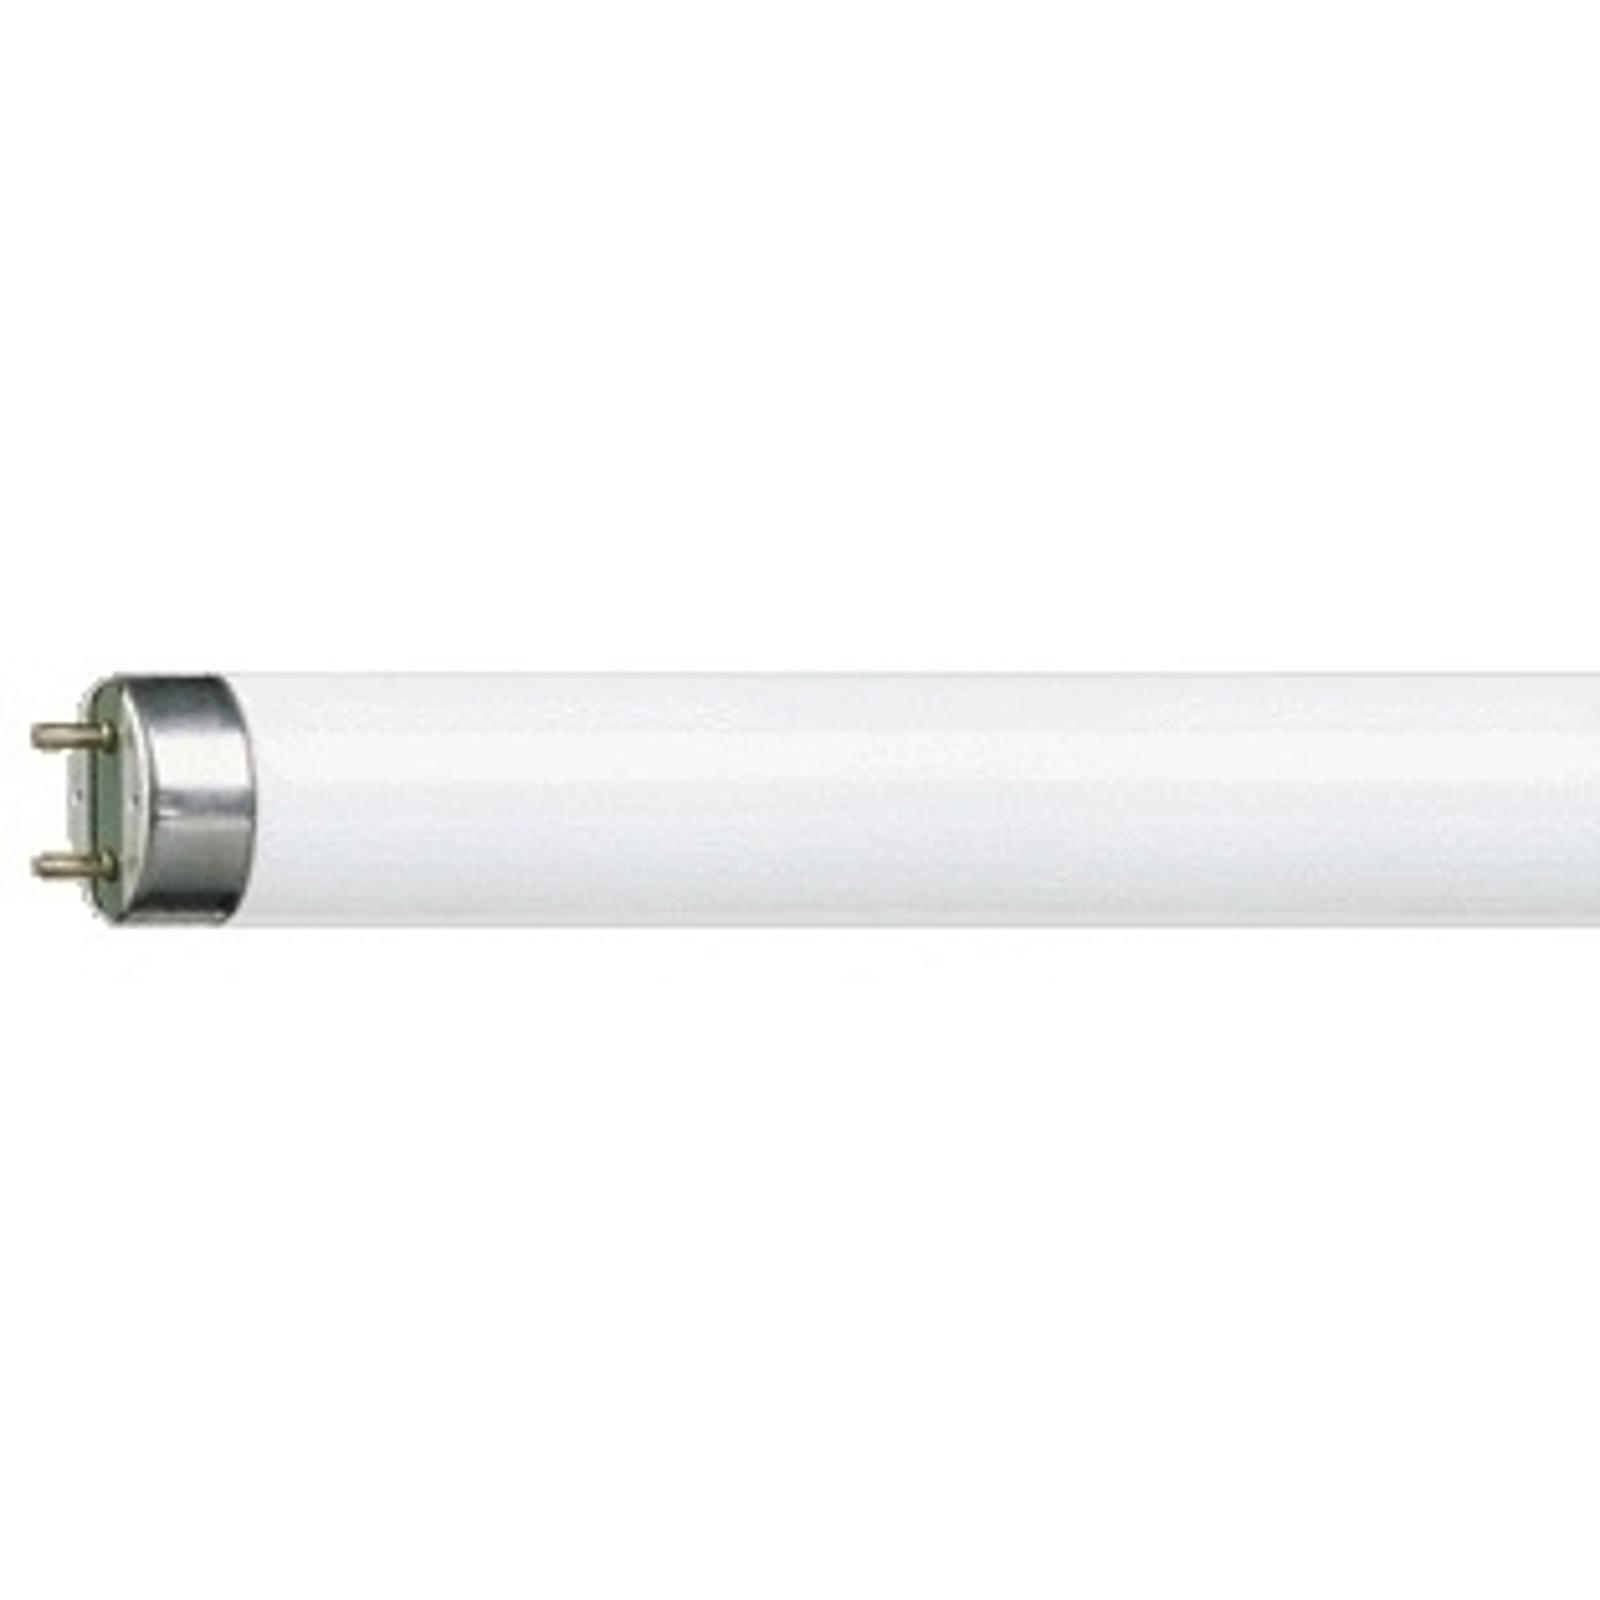 Leuchtstoffröhre G13 T8 58W MASTER TL-D Super 840